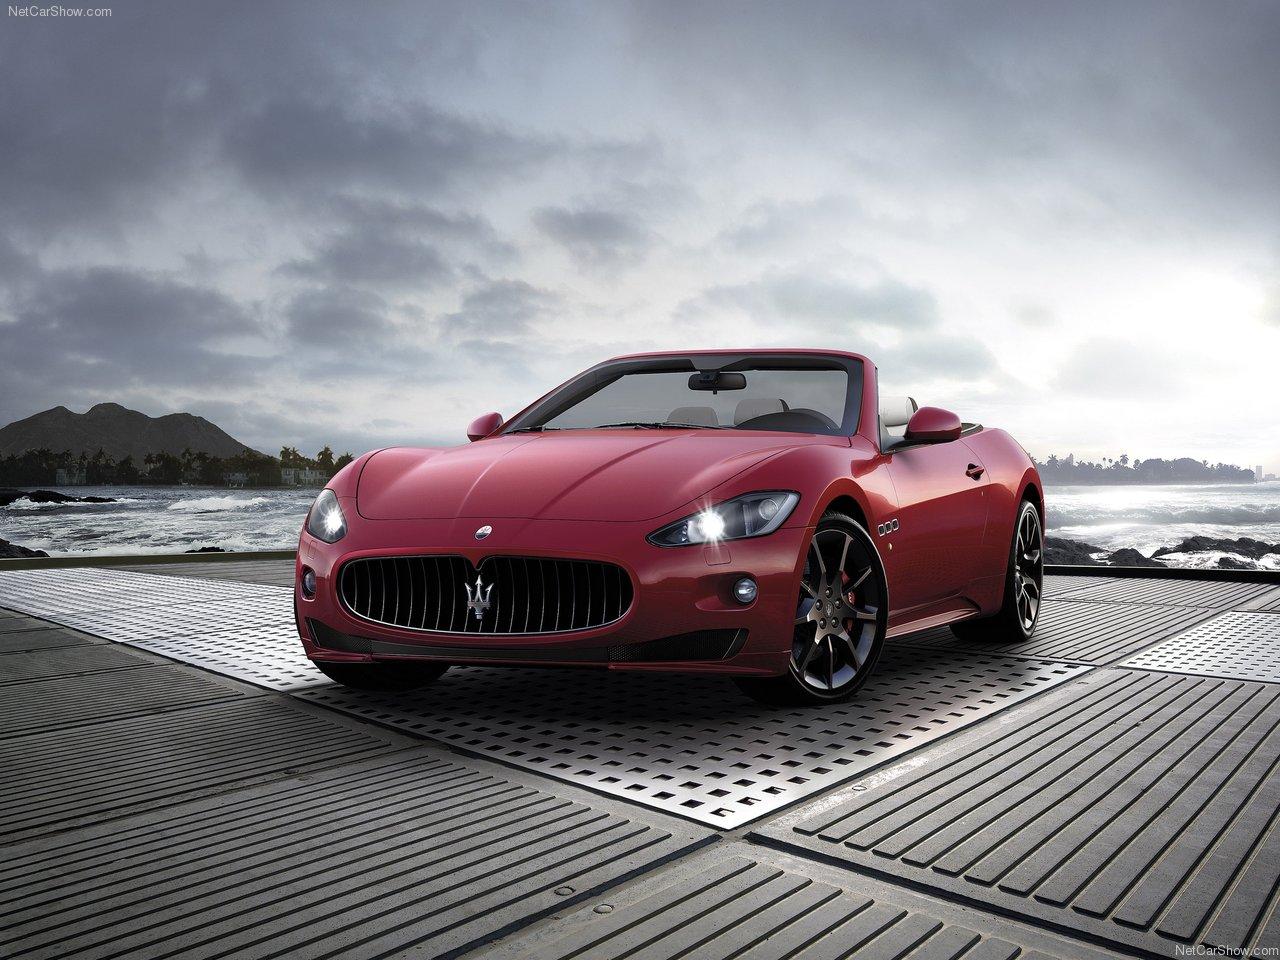 http://2.bp.blogspot.com/-zkr7_NqoJH8/TWJ0QTx417I/AAAAAAAAMZU/JXRl0Cv8l24/s1600/Maserati-GranCabrio_Sport_2012_1280x960_wallpaper_01.jpg